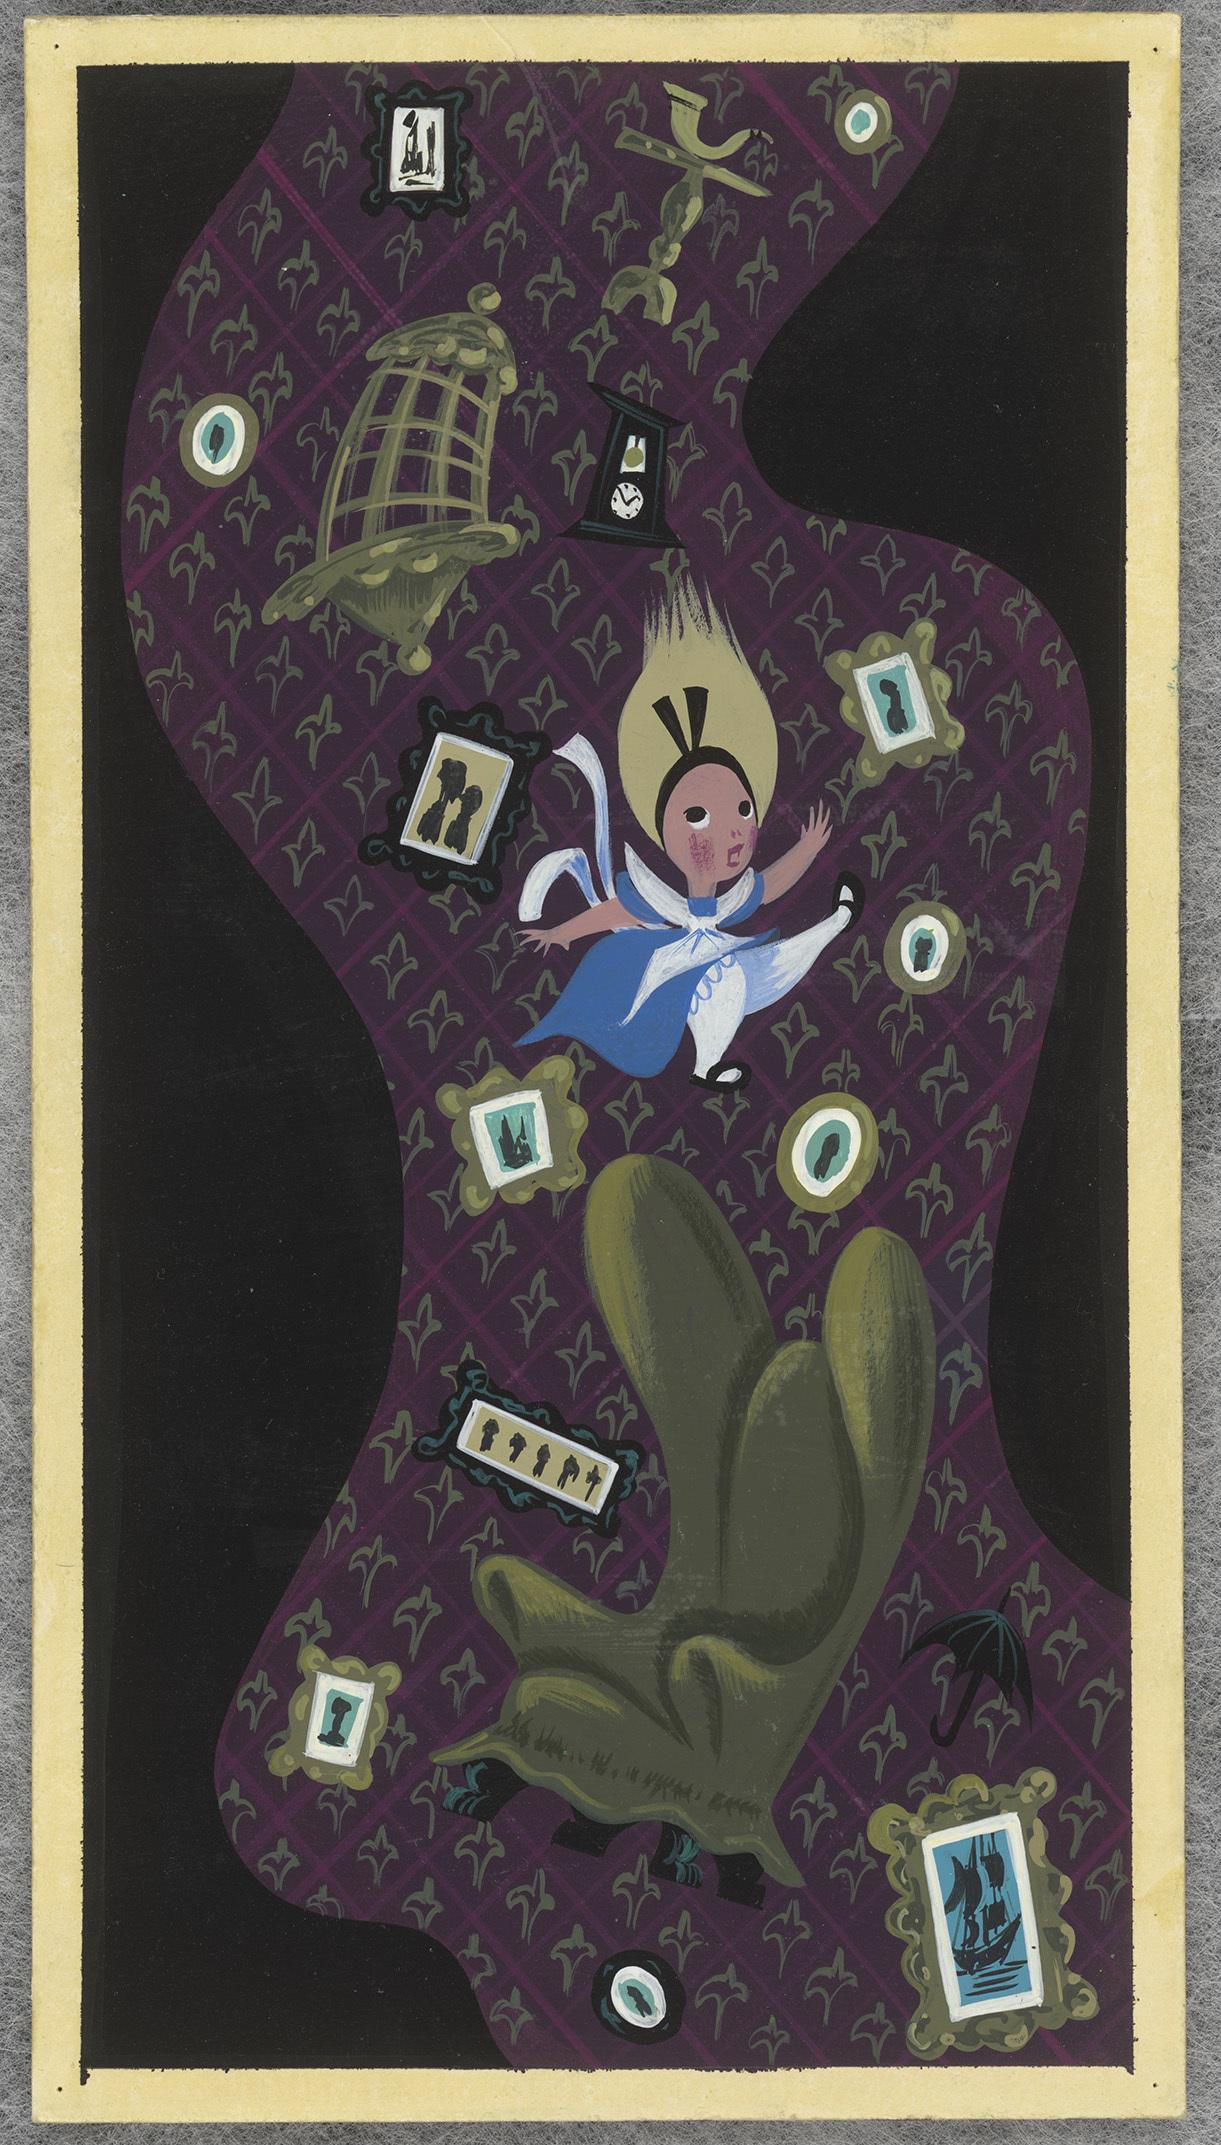 《ふしぎの国のアリス》より 1951年 (C)Disney Enterprises, Inc.